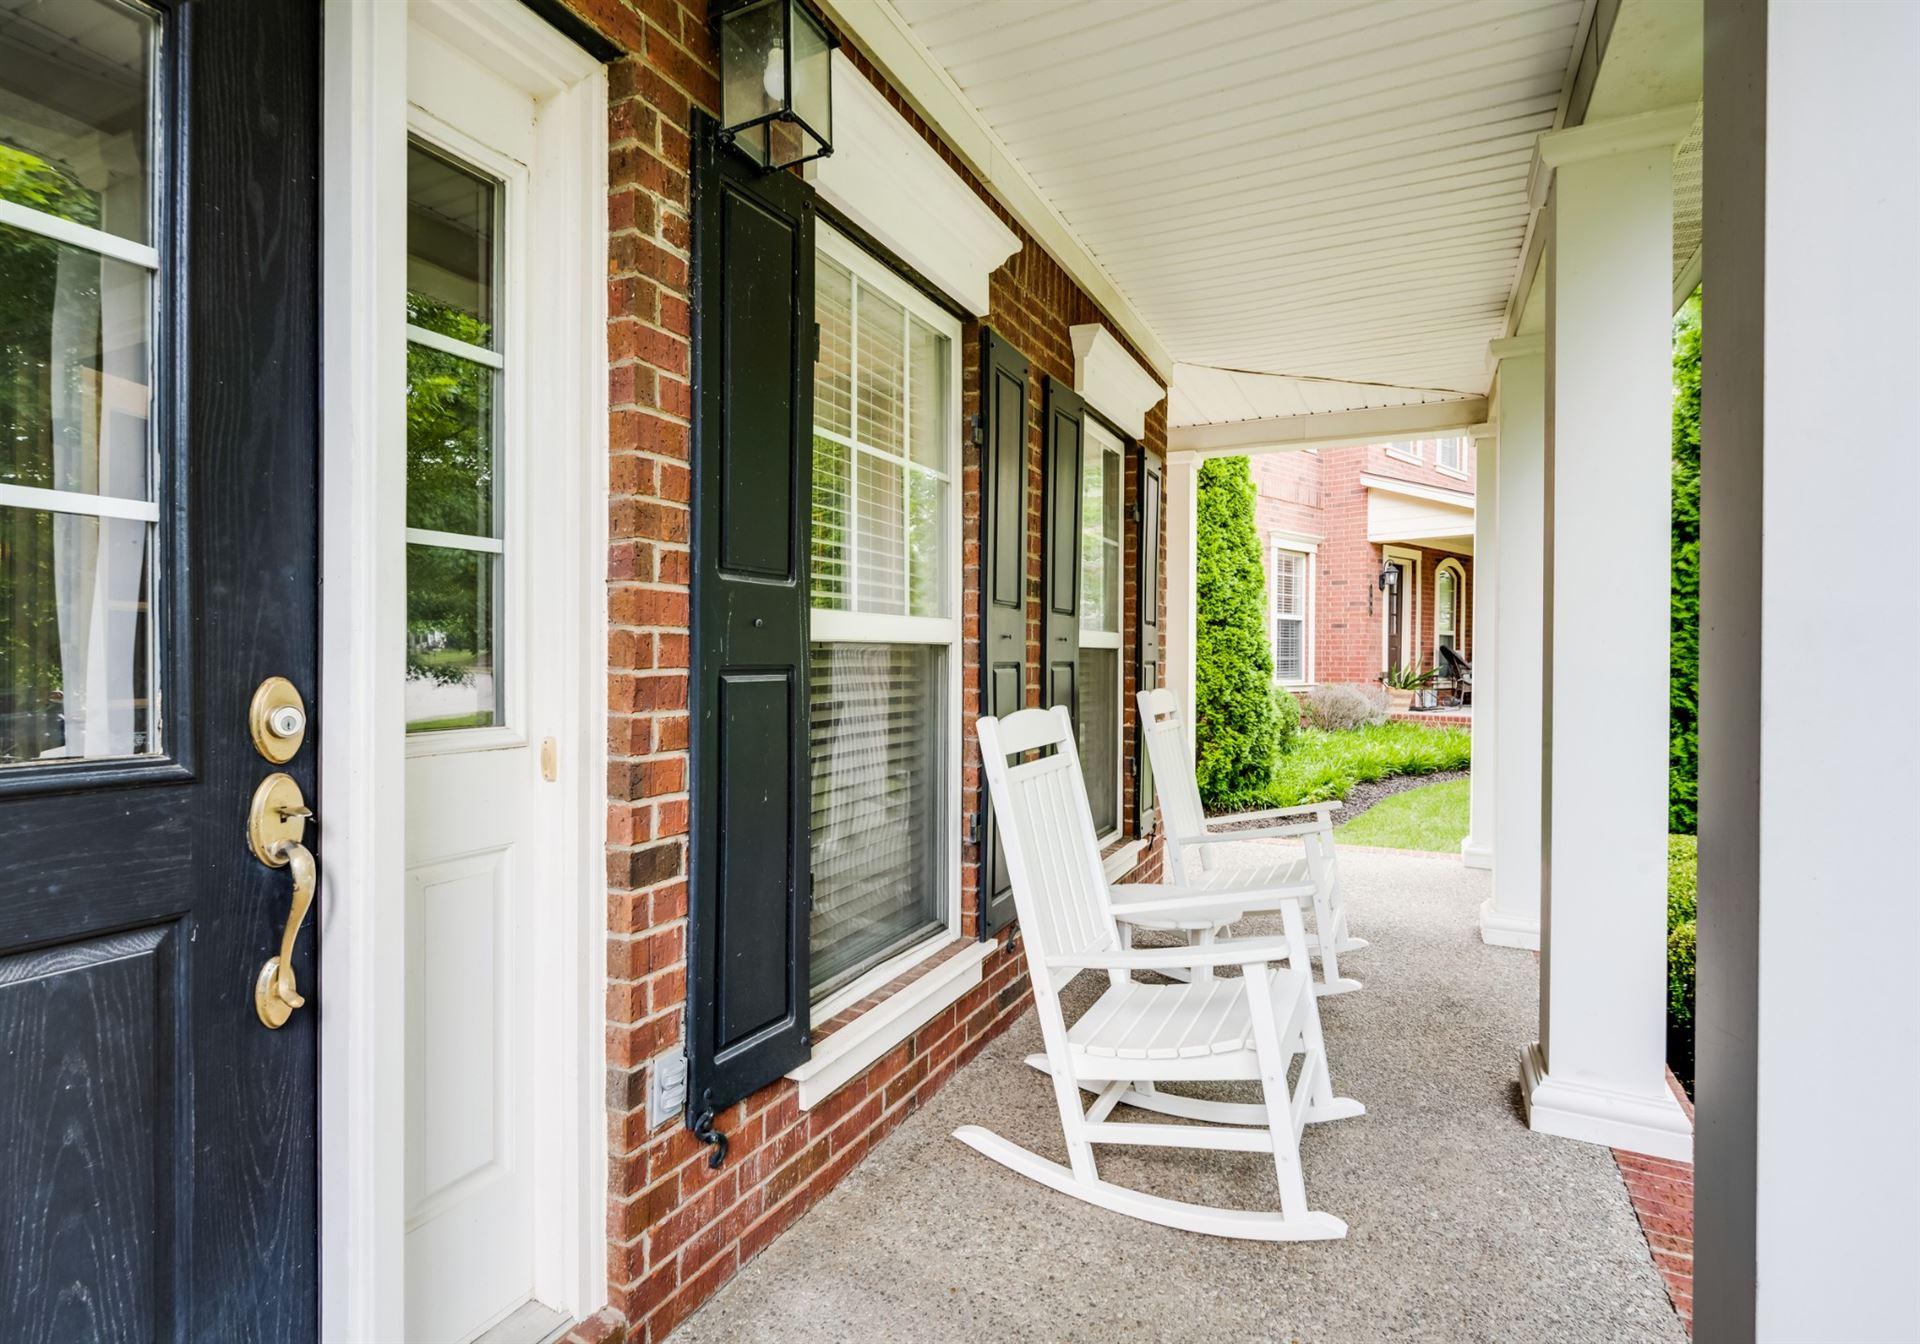 Photo of 105 Selinawood Pl, Franklin, TN 37067 (MLS # 2274597)